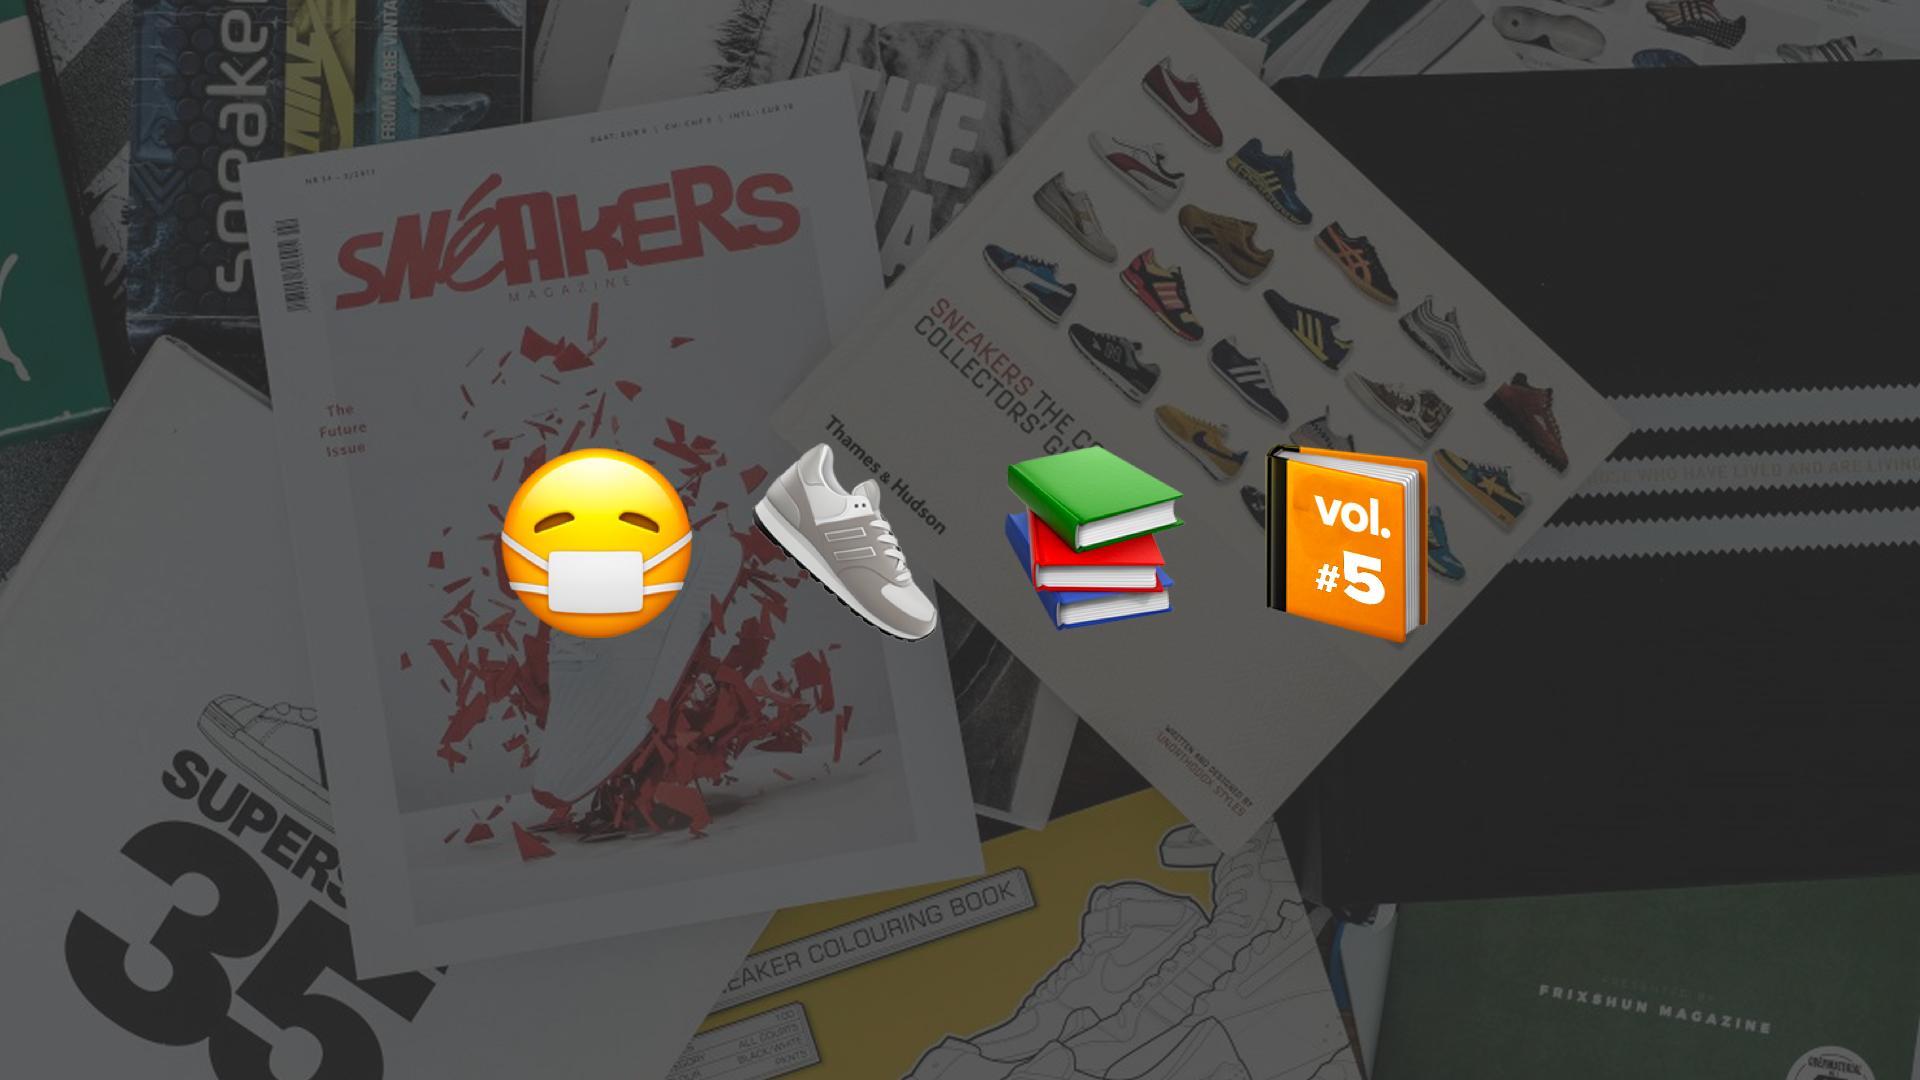 #5 Ține sneakerșii pe suportul de pantofi: Sneakerșii și literature